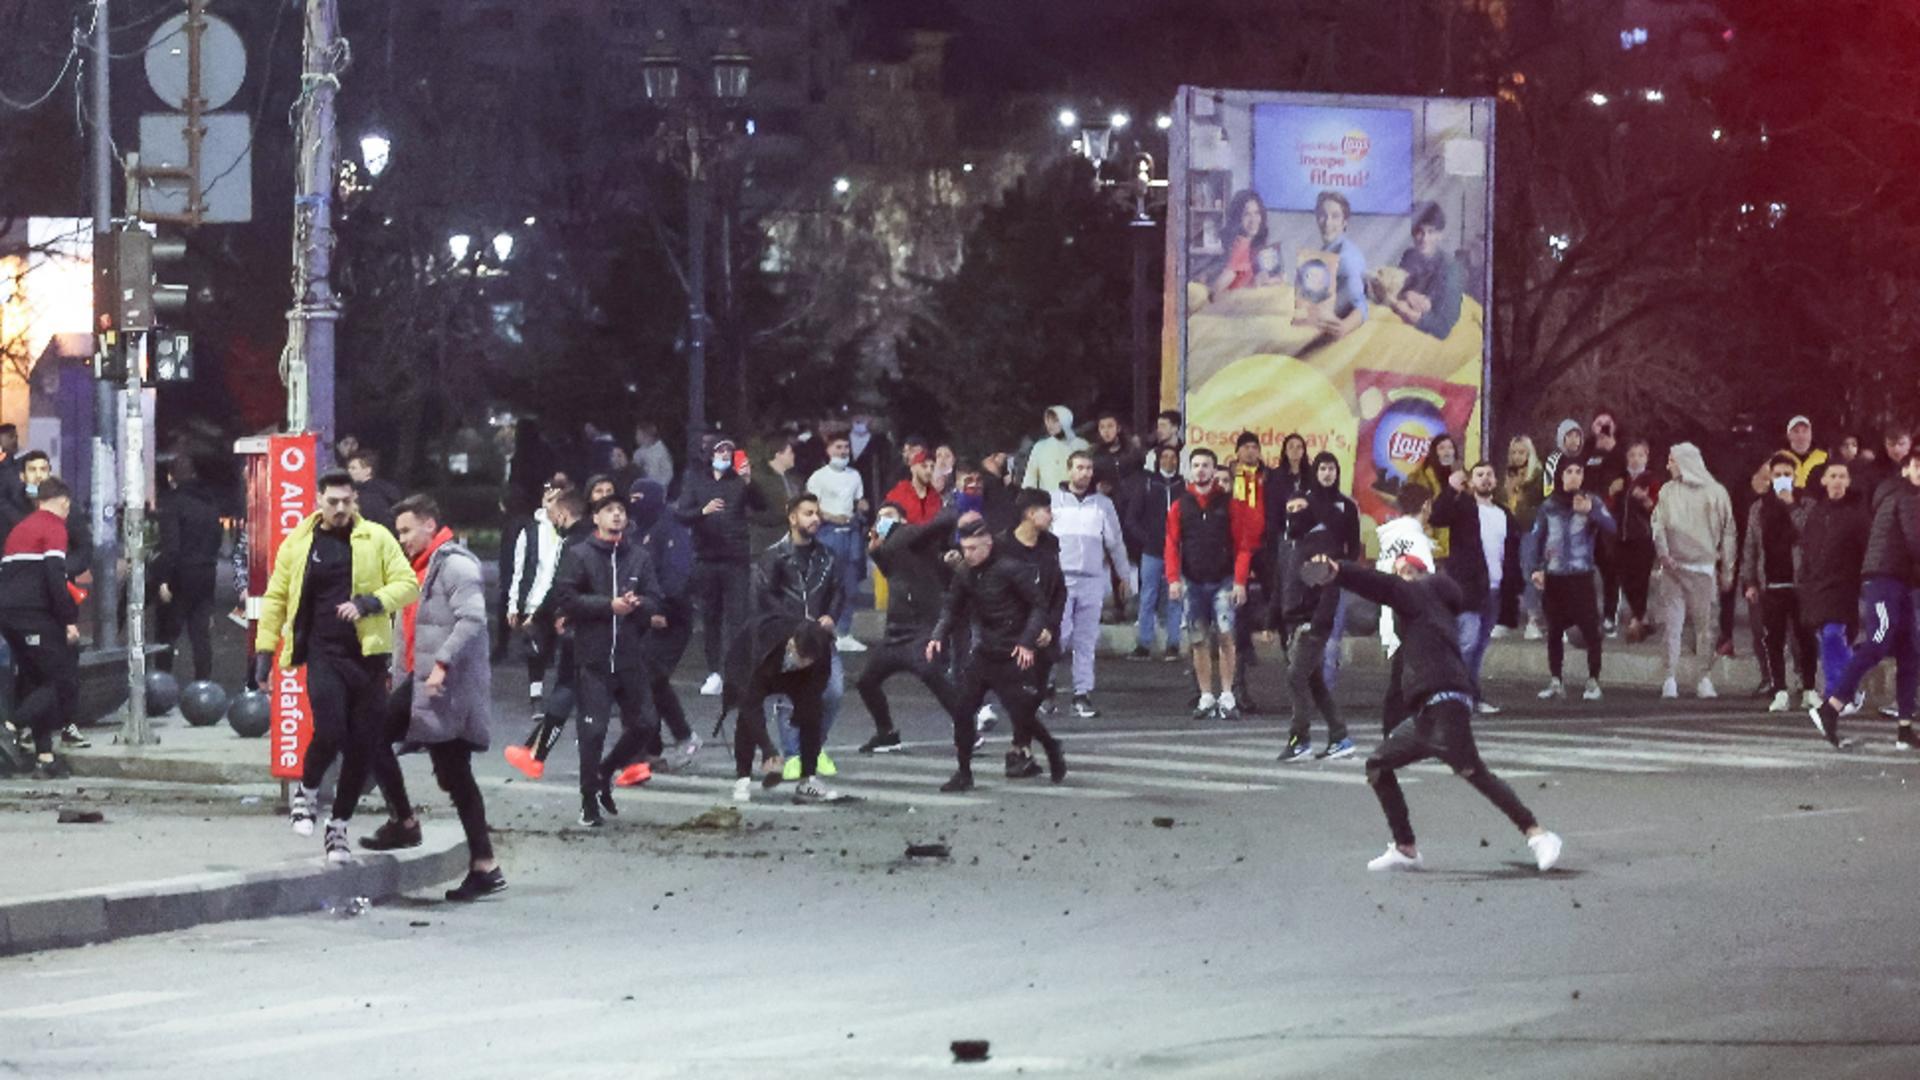 Violențe protest anti-restricții București, 29 martie 2021/InquamPhotos/Bogdan-Ioan Buda/George Călin